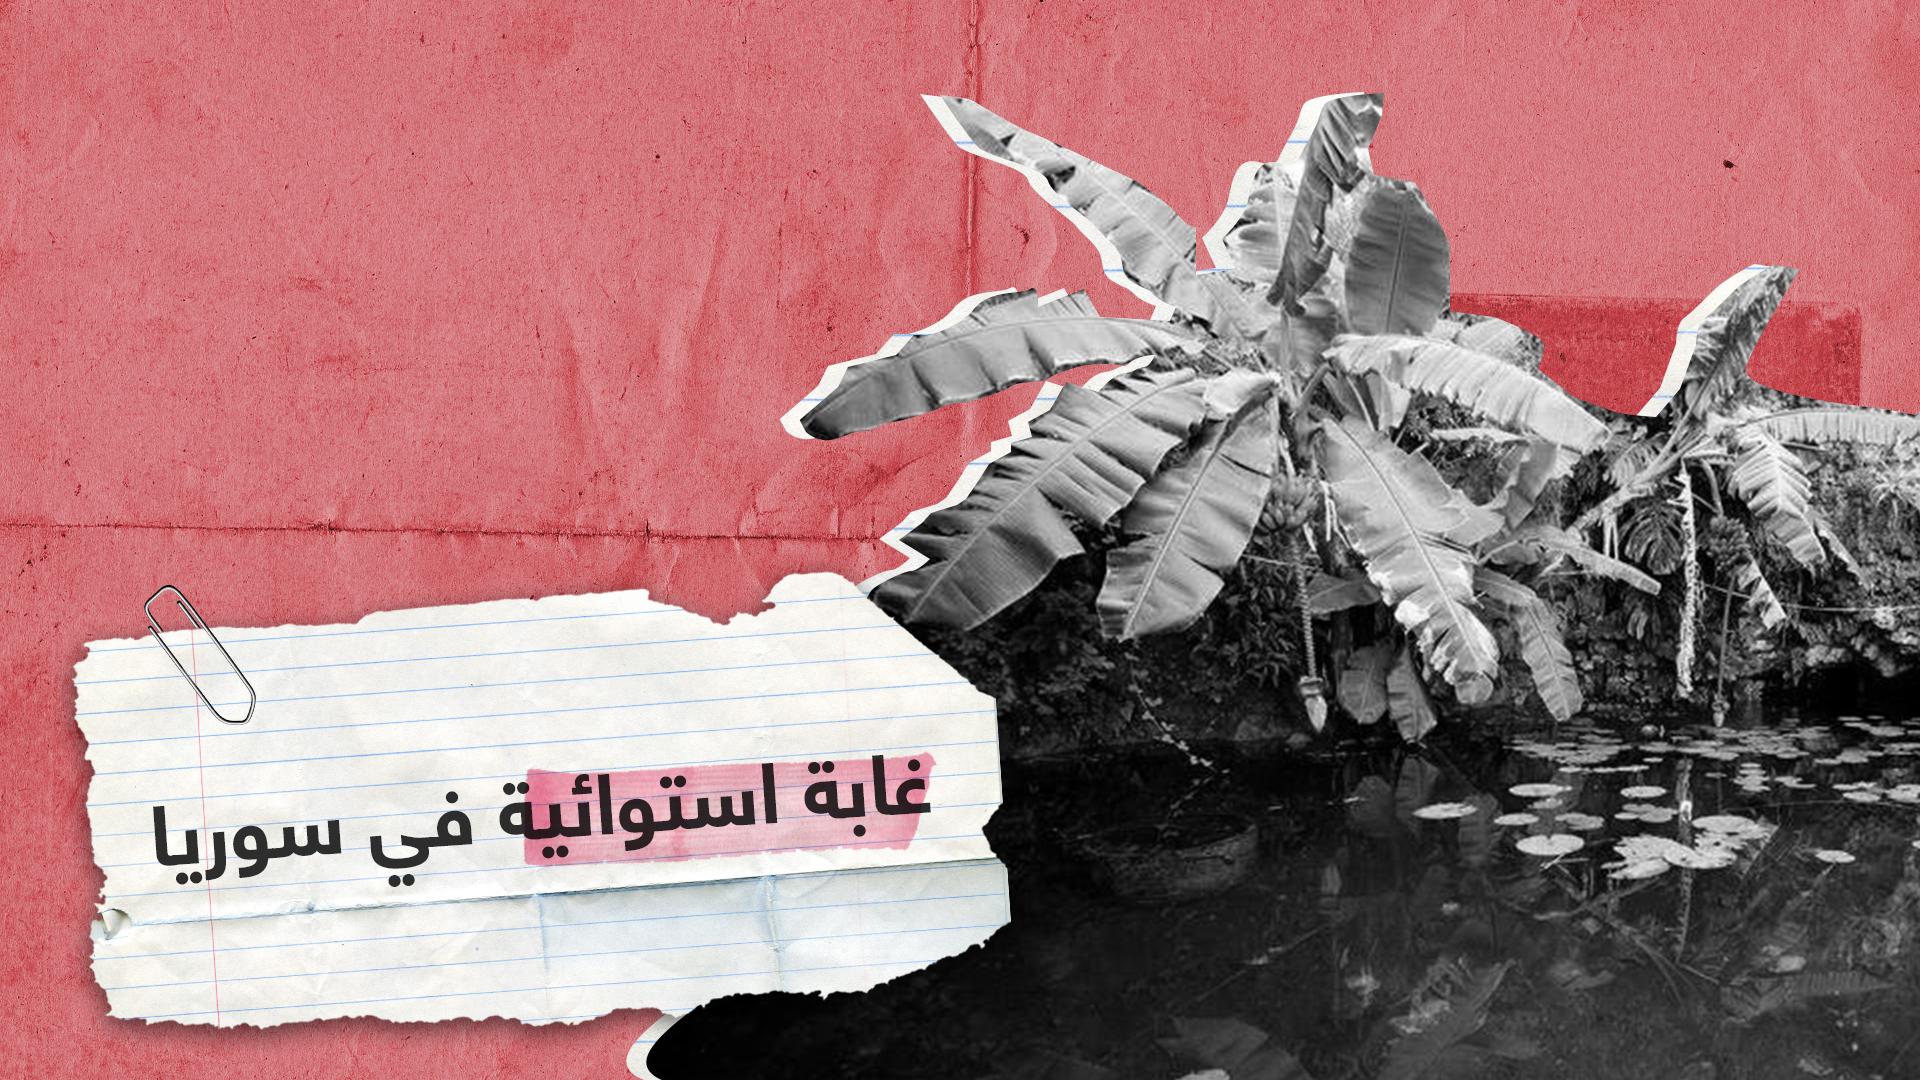 مشروع بيئي فريد.. أشجار الأفوكادو والبابايا تزرع في سوريا!